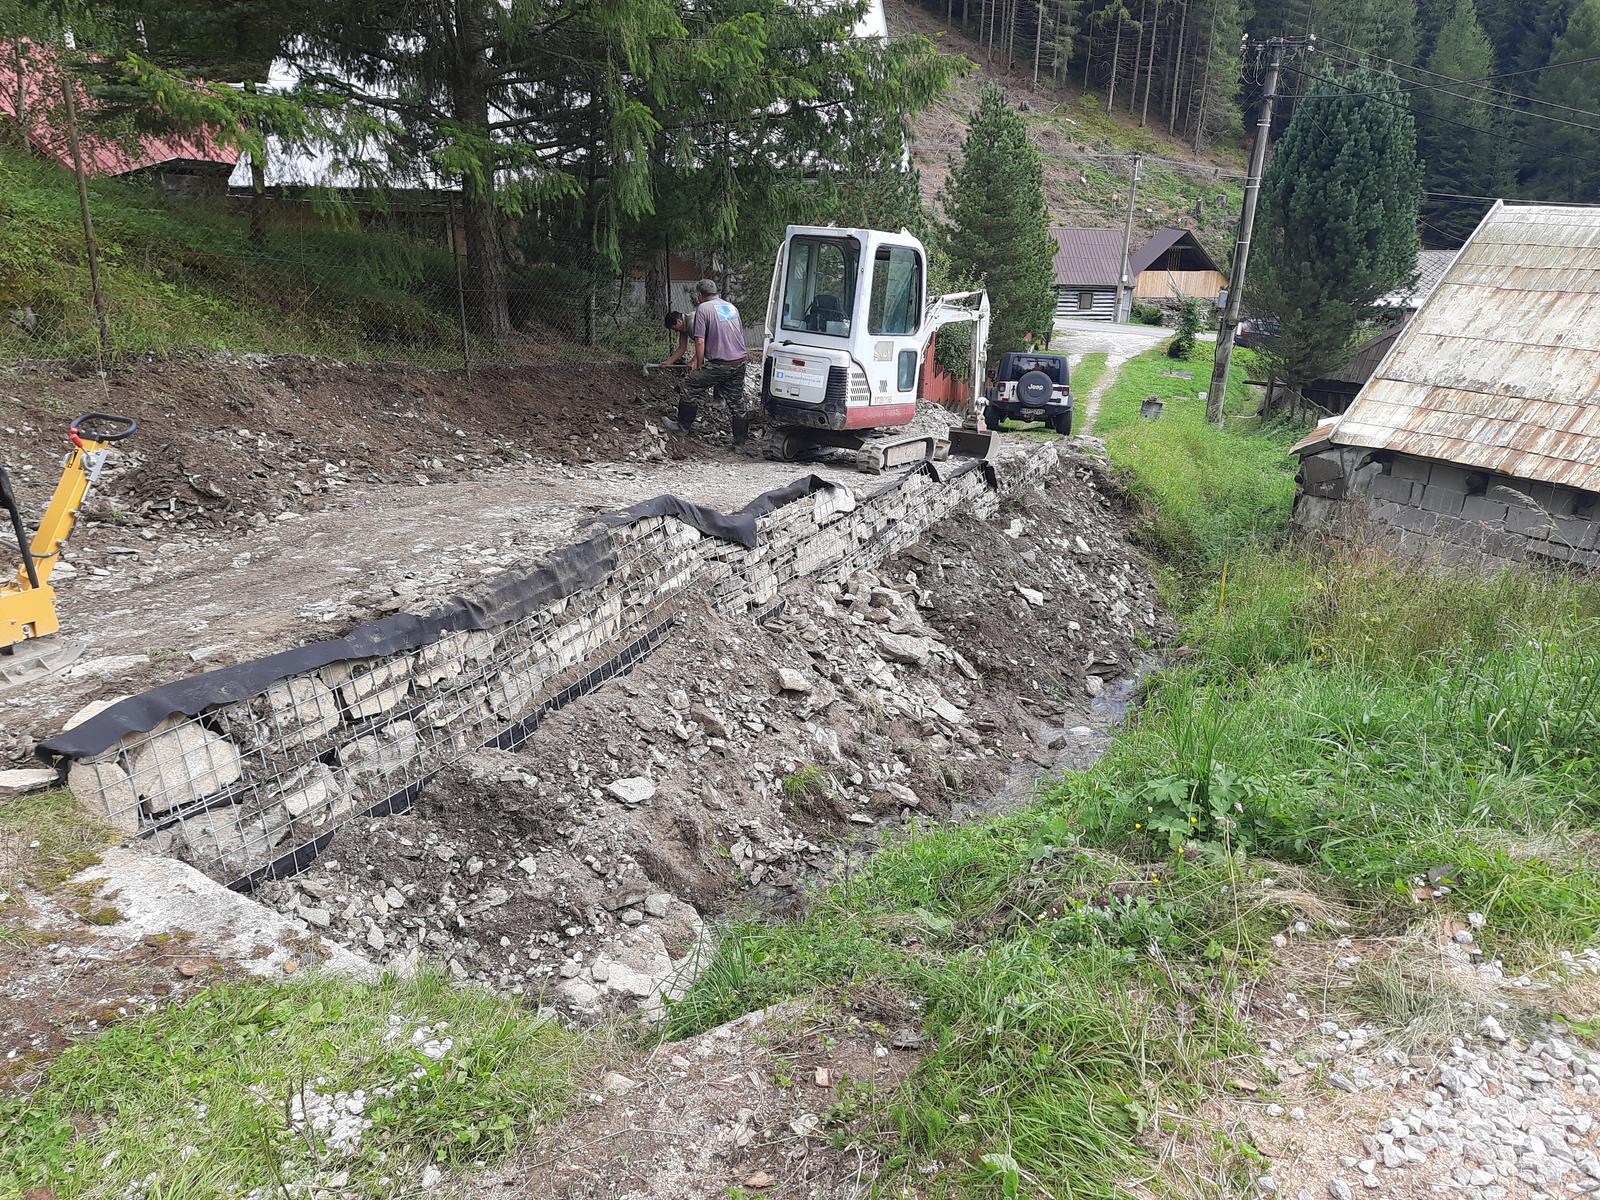 """18. Stabilizácia výkopu pre stavbu a spevnenie + rozšírenie príjazdovej cesty. - 06. Panely StoneSteel sú v čele vyplnené kameňmi z výkopu a """"kotvené"""" do svahu v dostatočnej dĺžke geomrežami. Proti vyplavovaniu je za kameňmi v čele netkaná geotextília."""